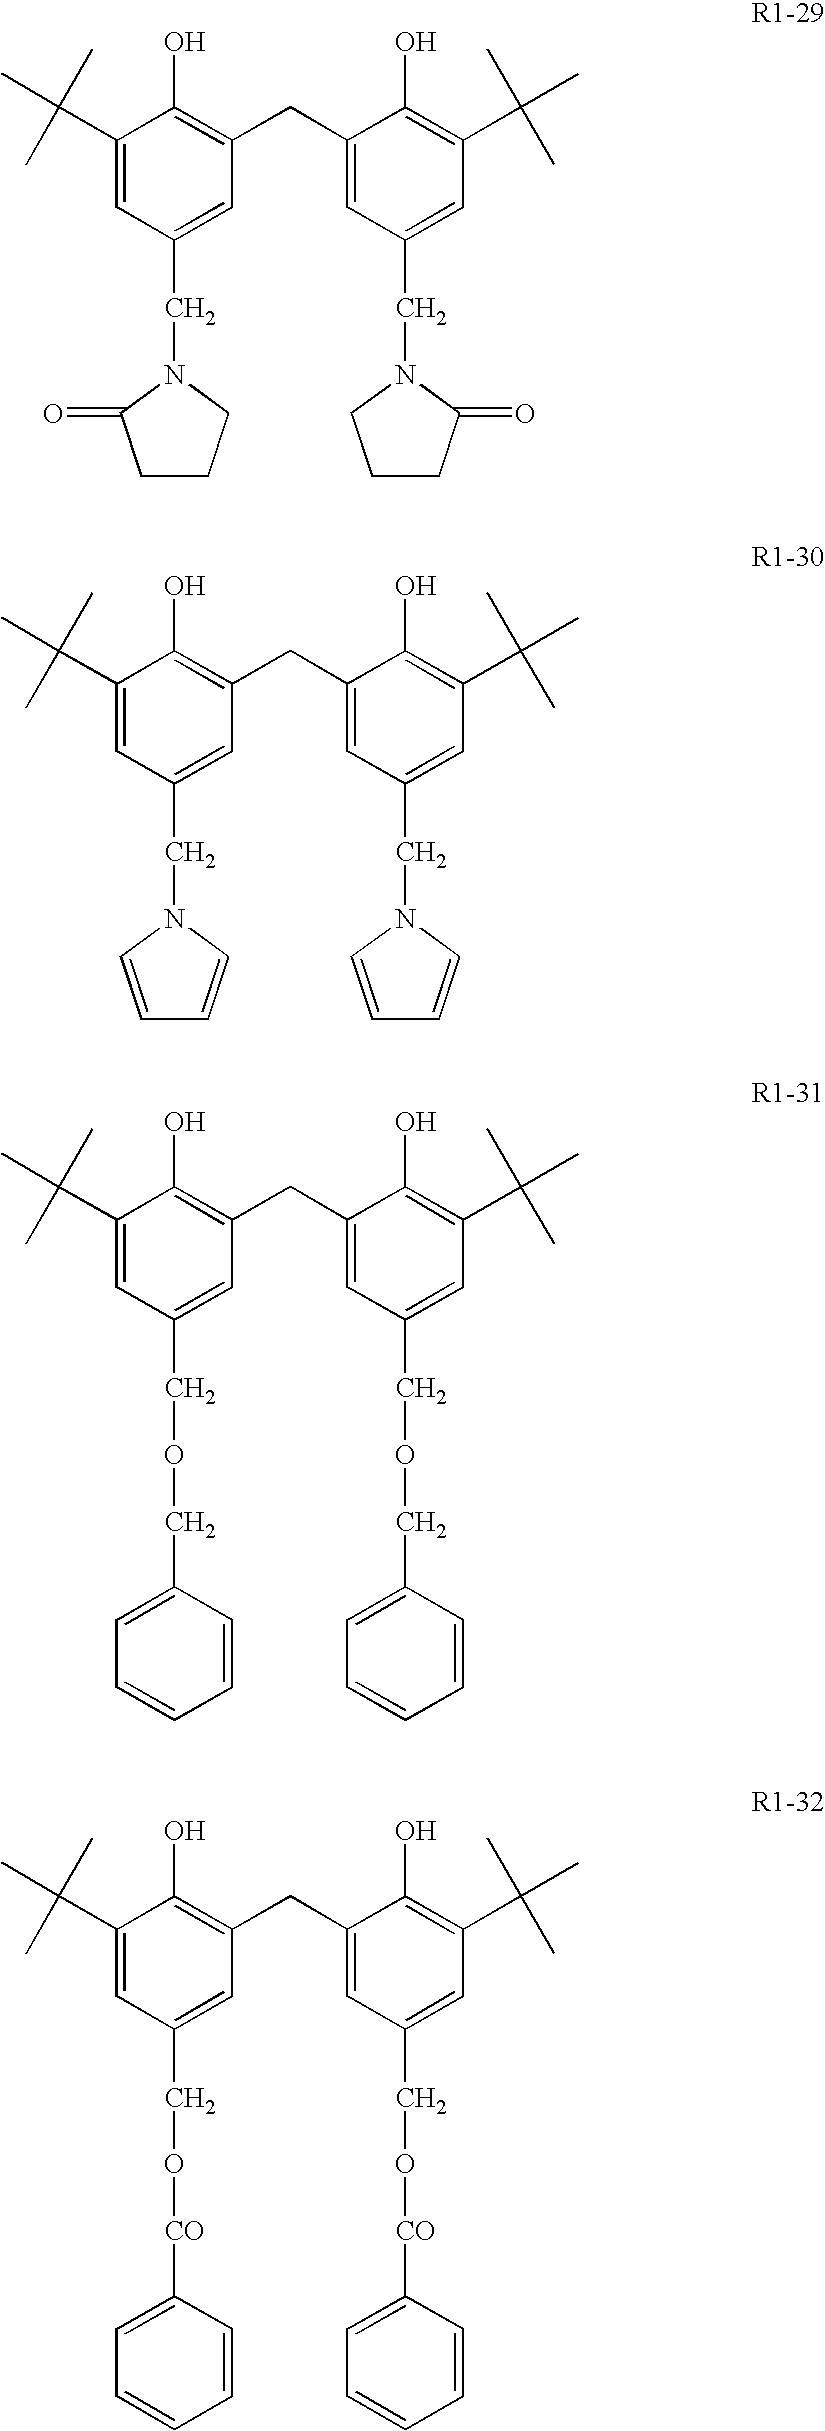 Figure US07133057-20061107-C00010